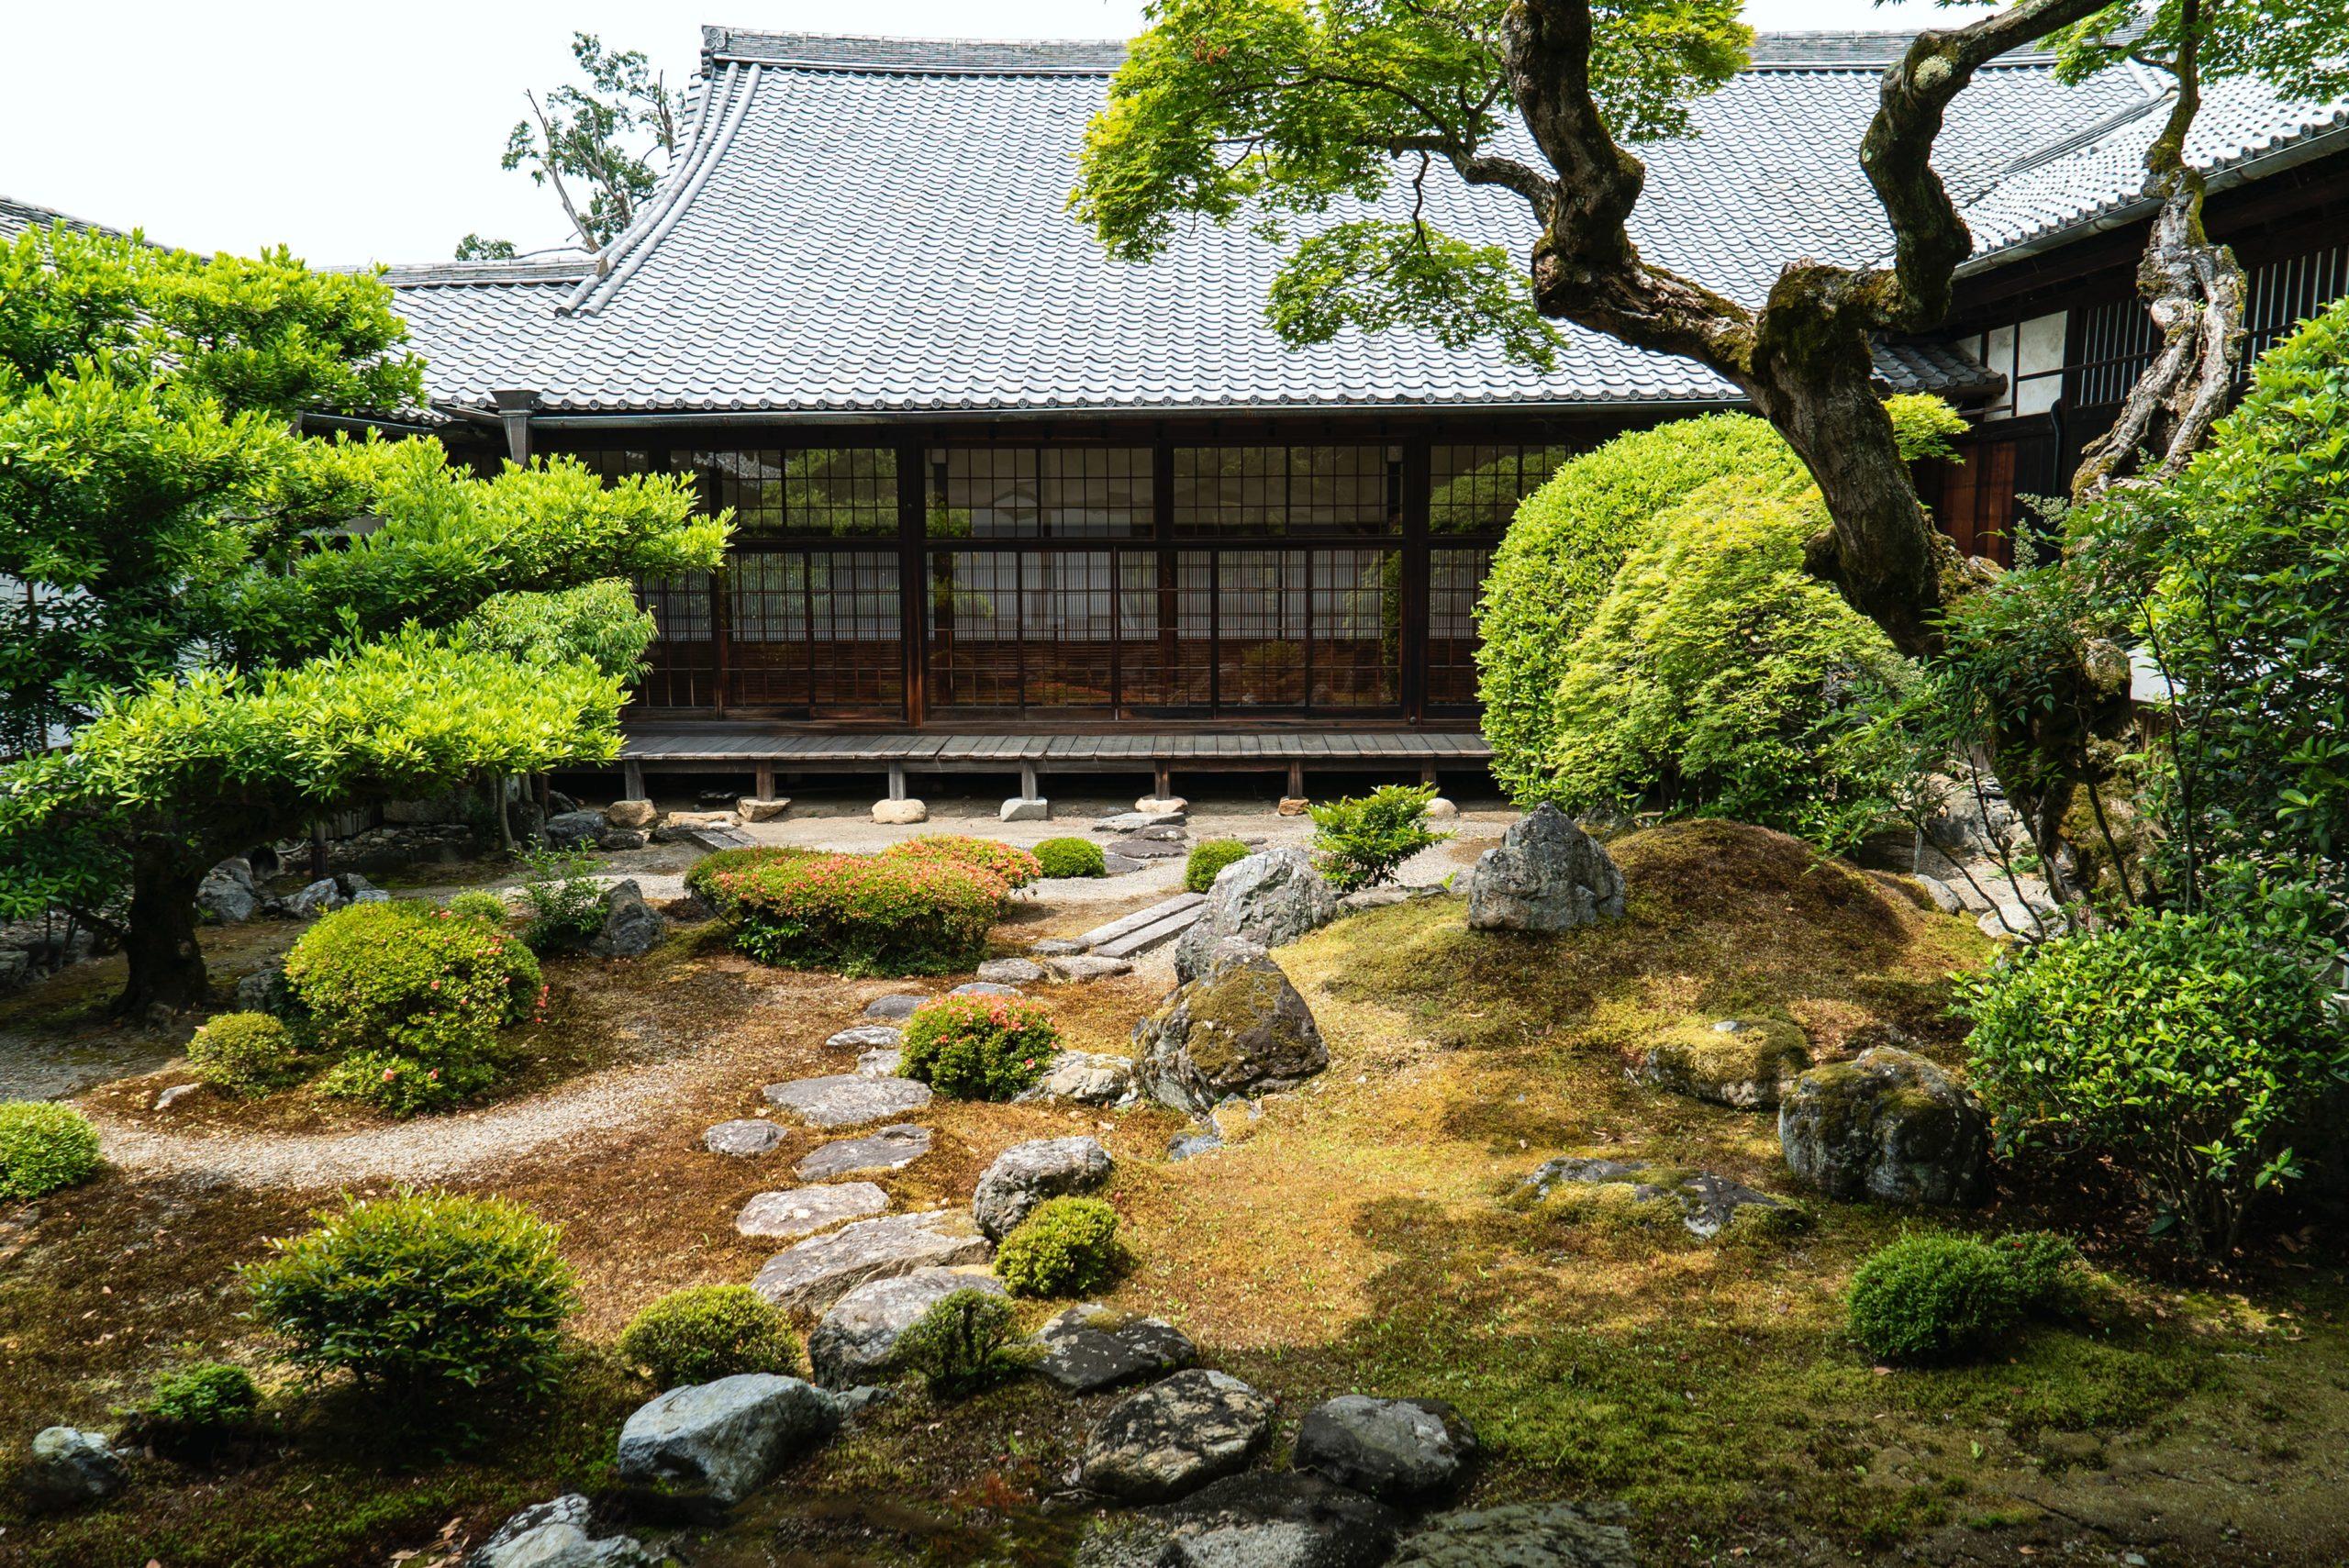 醍醐寺の見どころまとめ!四季折々の自然美が魅力